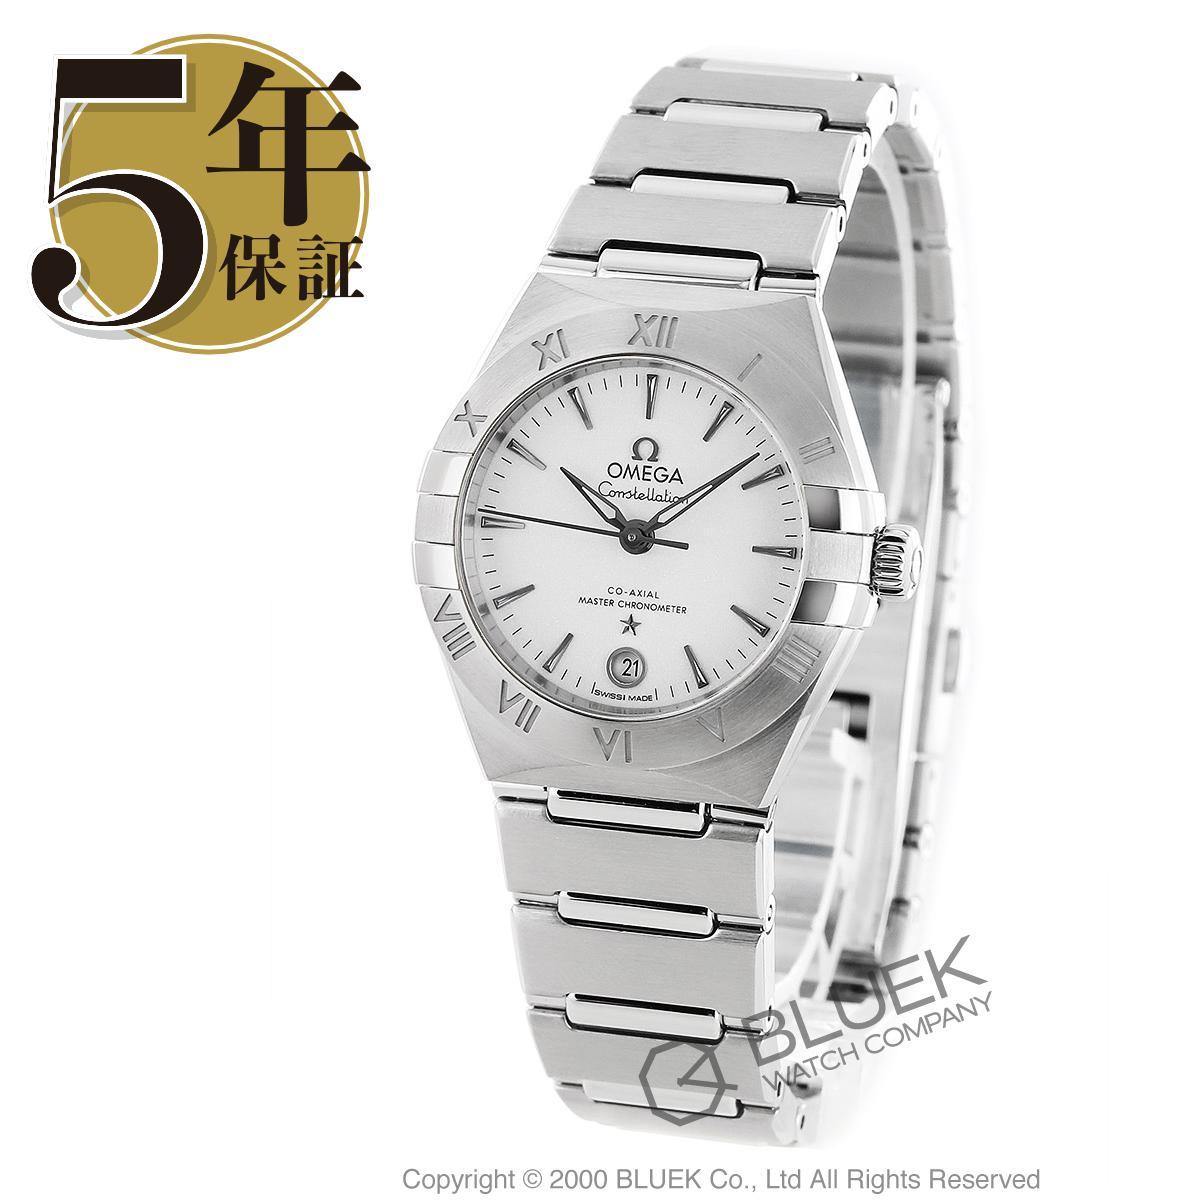 オメガ コンステレーション ブラッシュ マスタークロノメーター 腕時計 レディース OMEGA 131.10.29.20.02.001_5